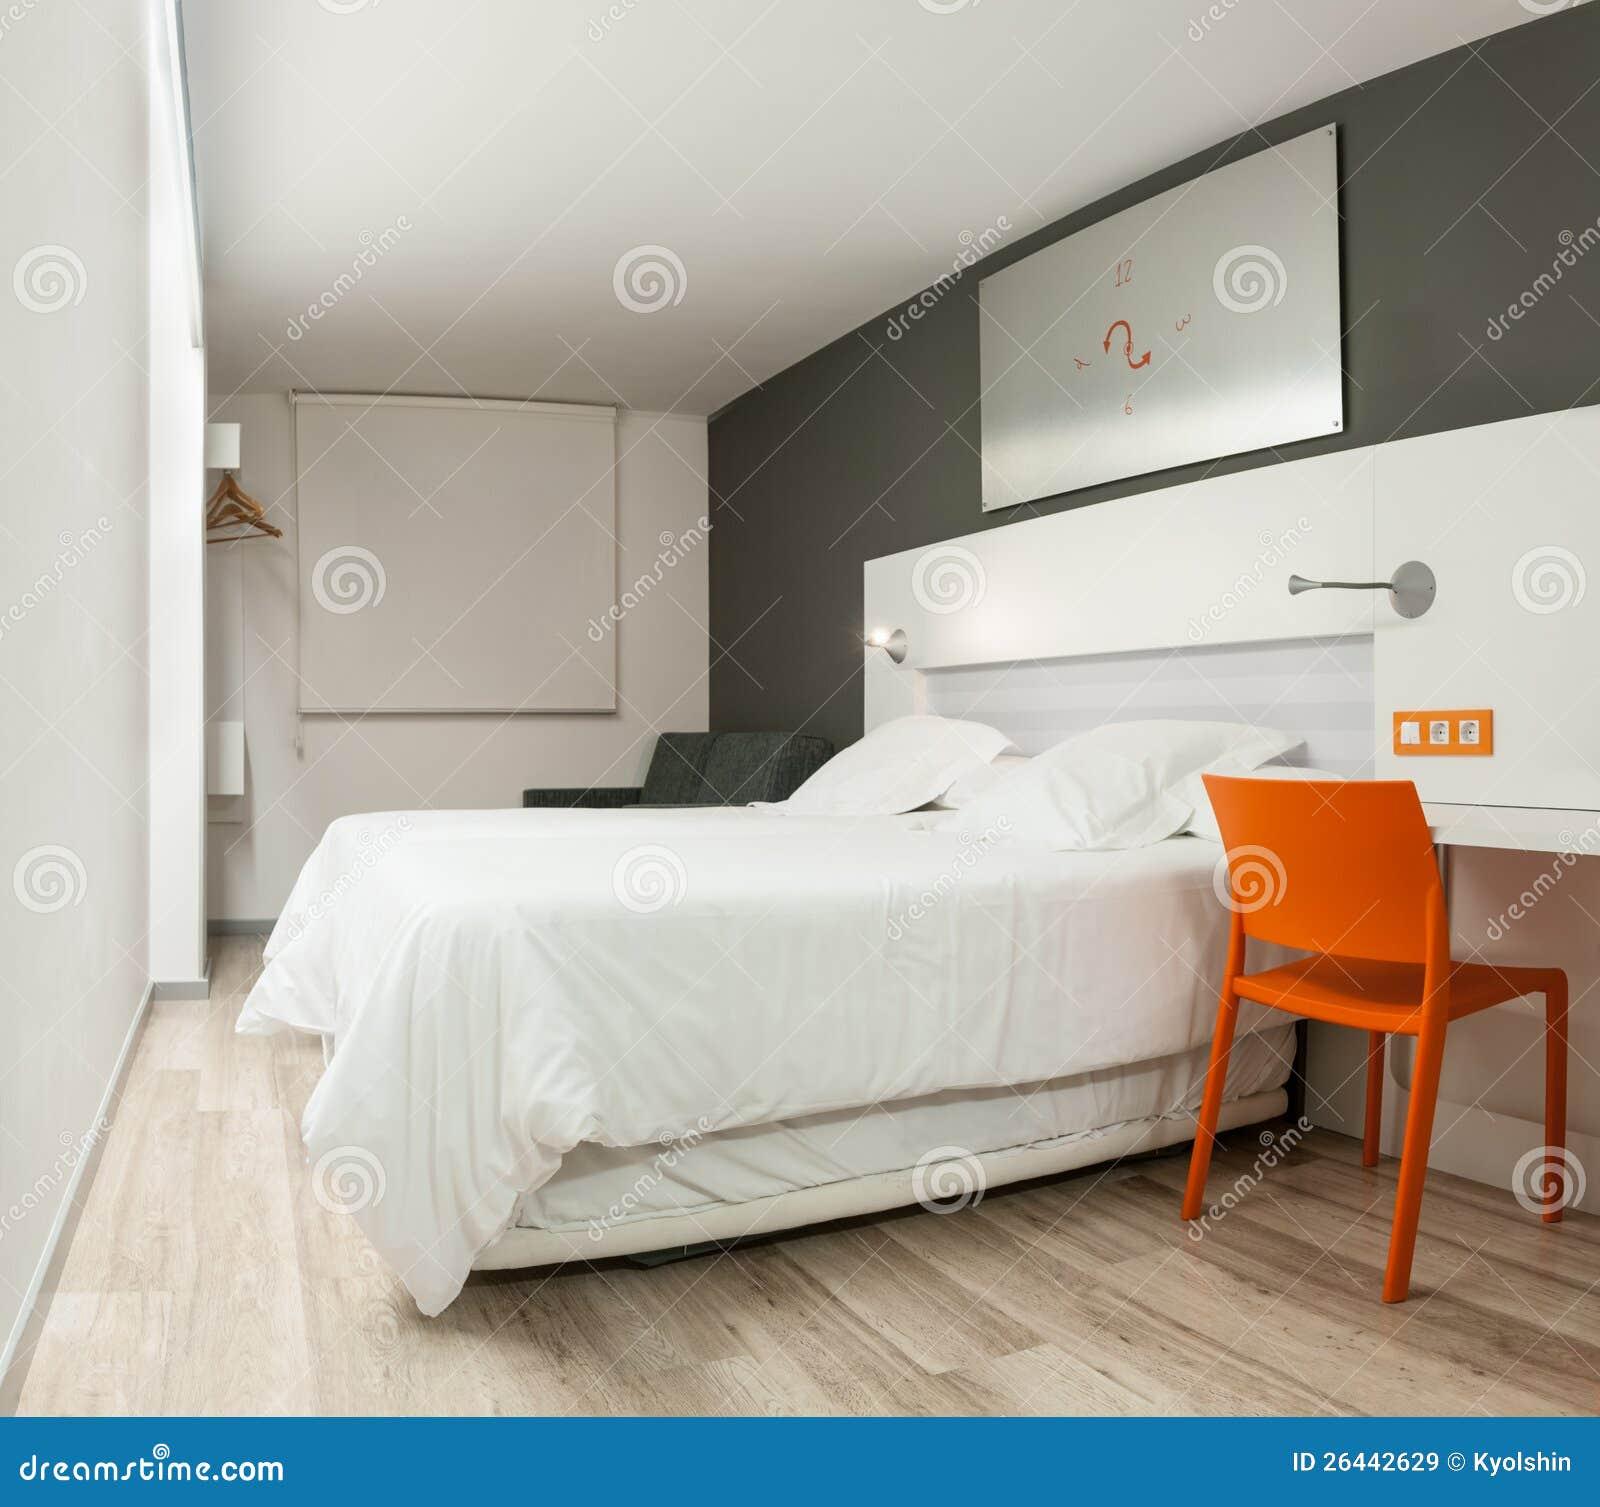 Belle chambre d 39 h tel avec la conception moderne images libres de droits image 26442629 - Belle chambre moderne ...